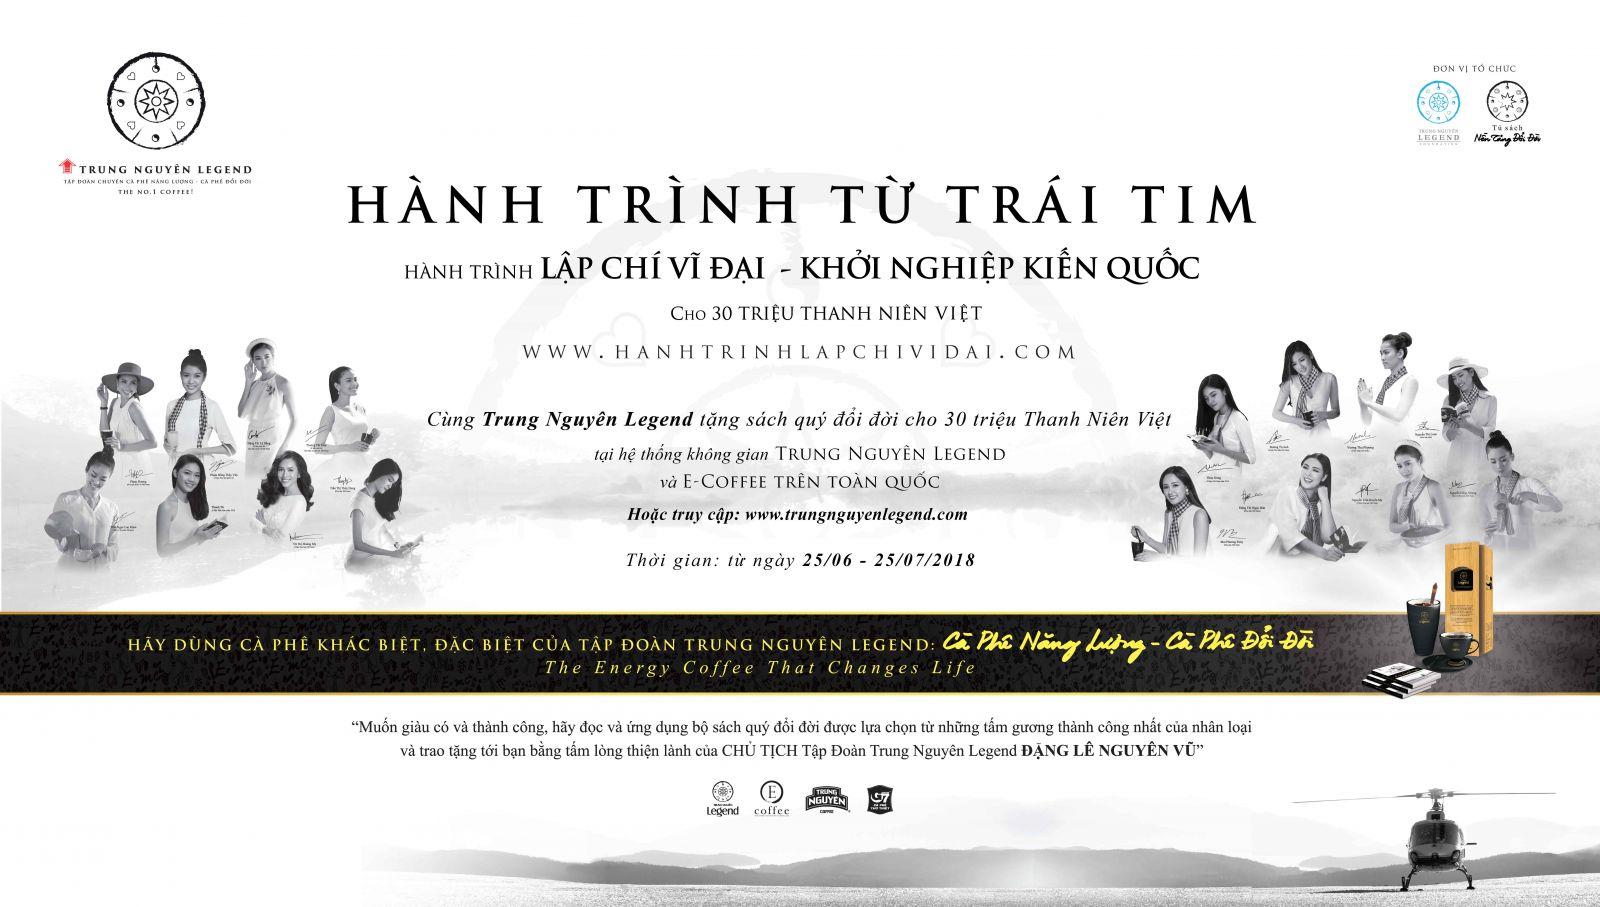 Cùng Trung Nguyên Legend tặng sách quý đổi đời cho 30 triệu thanh niên Việt